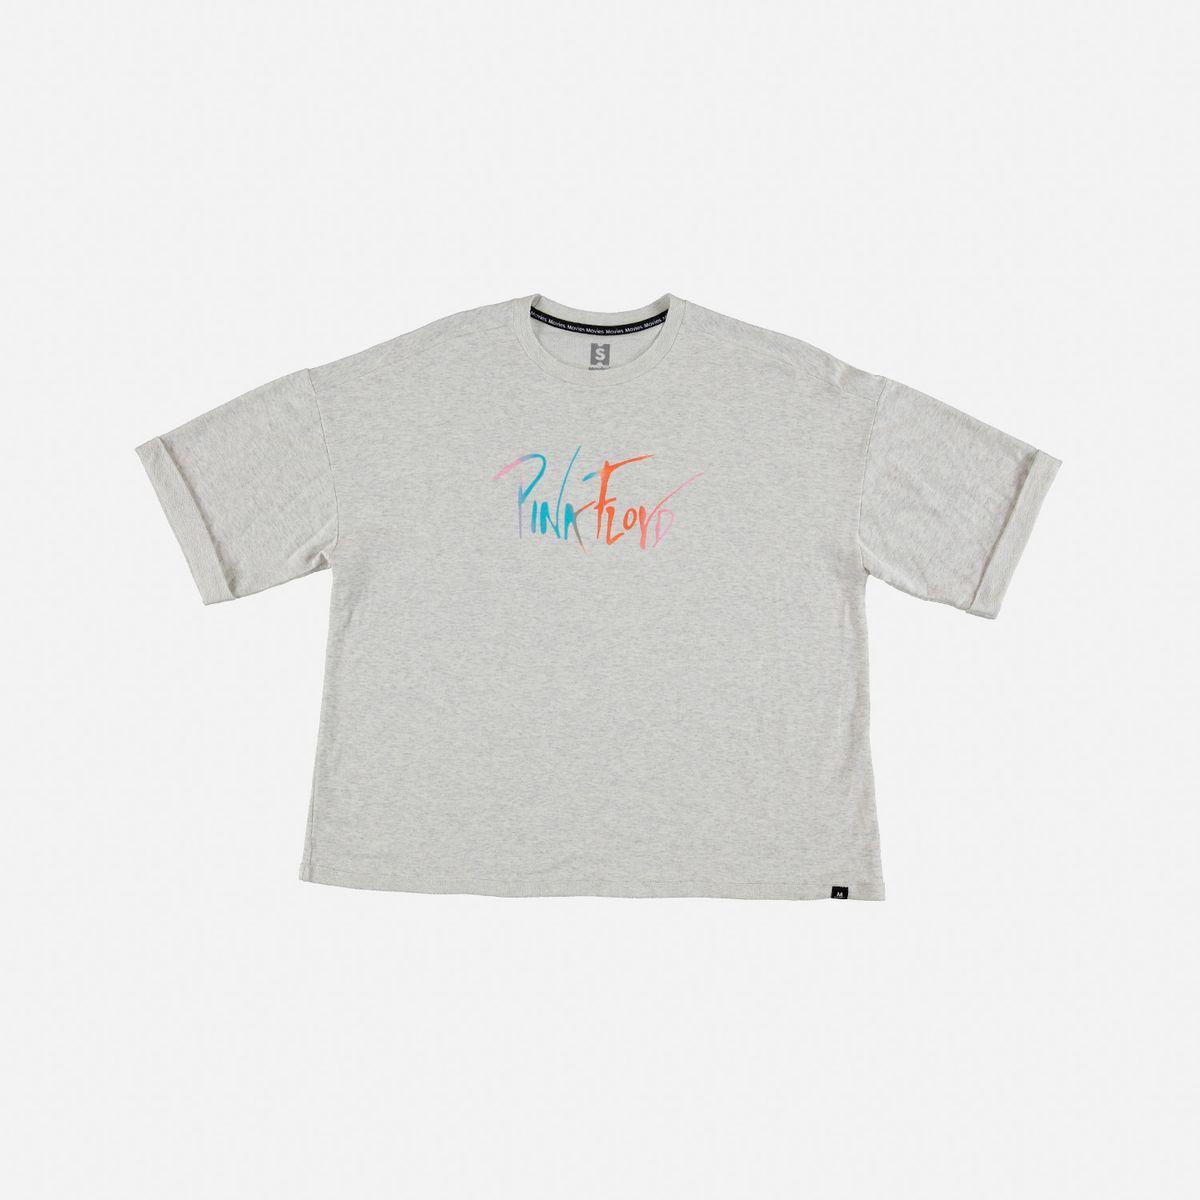 93117419-camiseta-mujer-musica-manga-corta-1